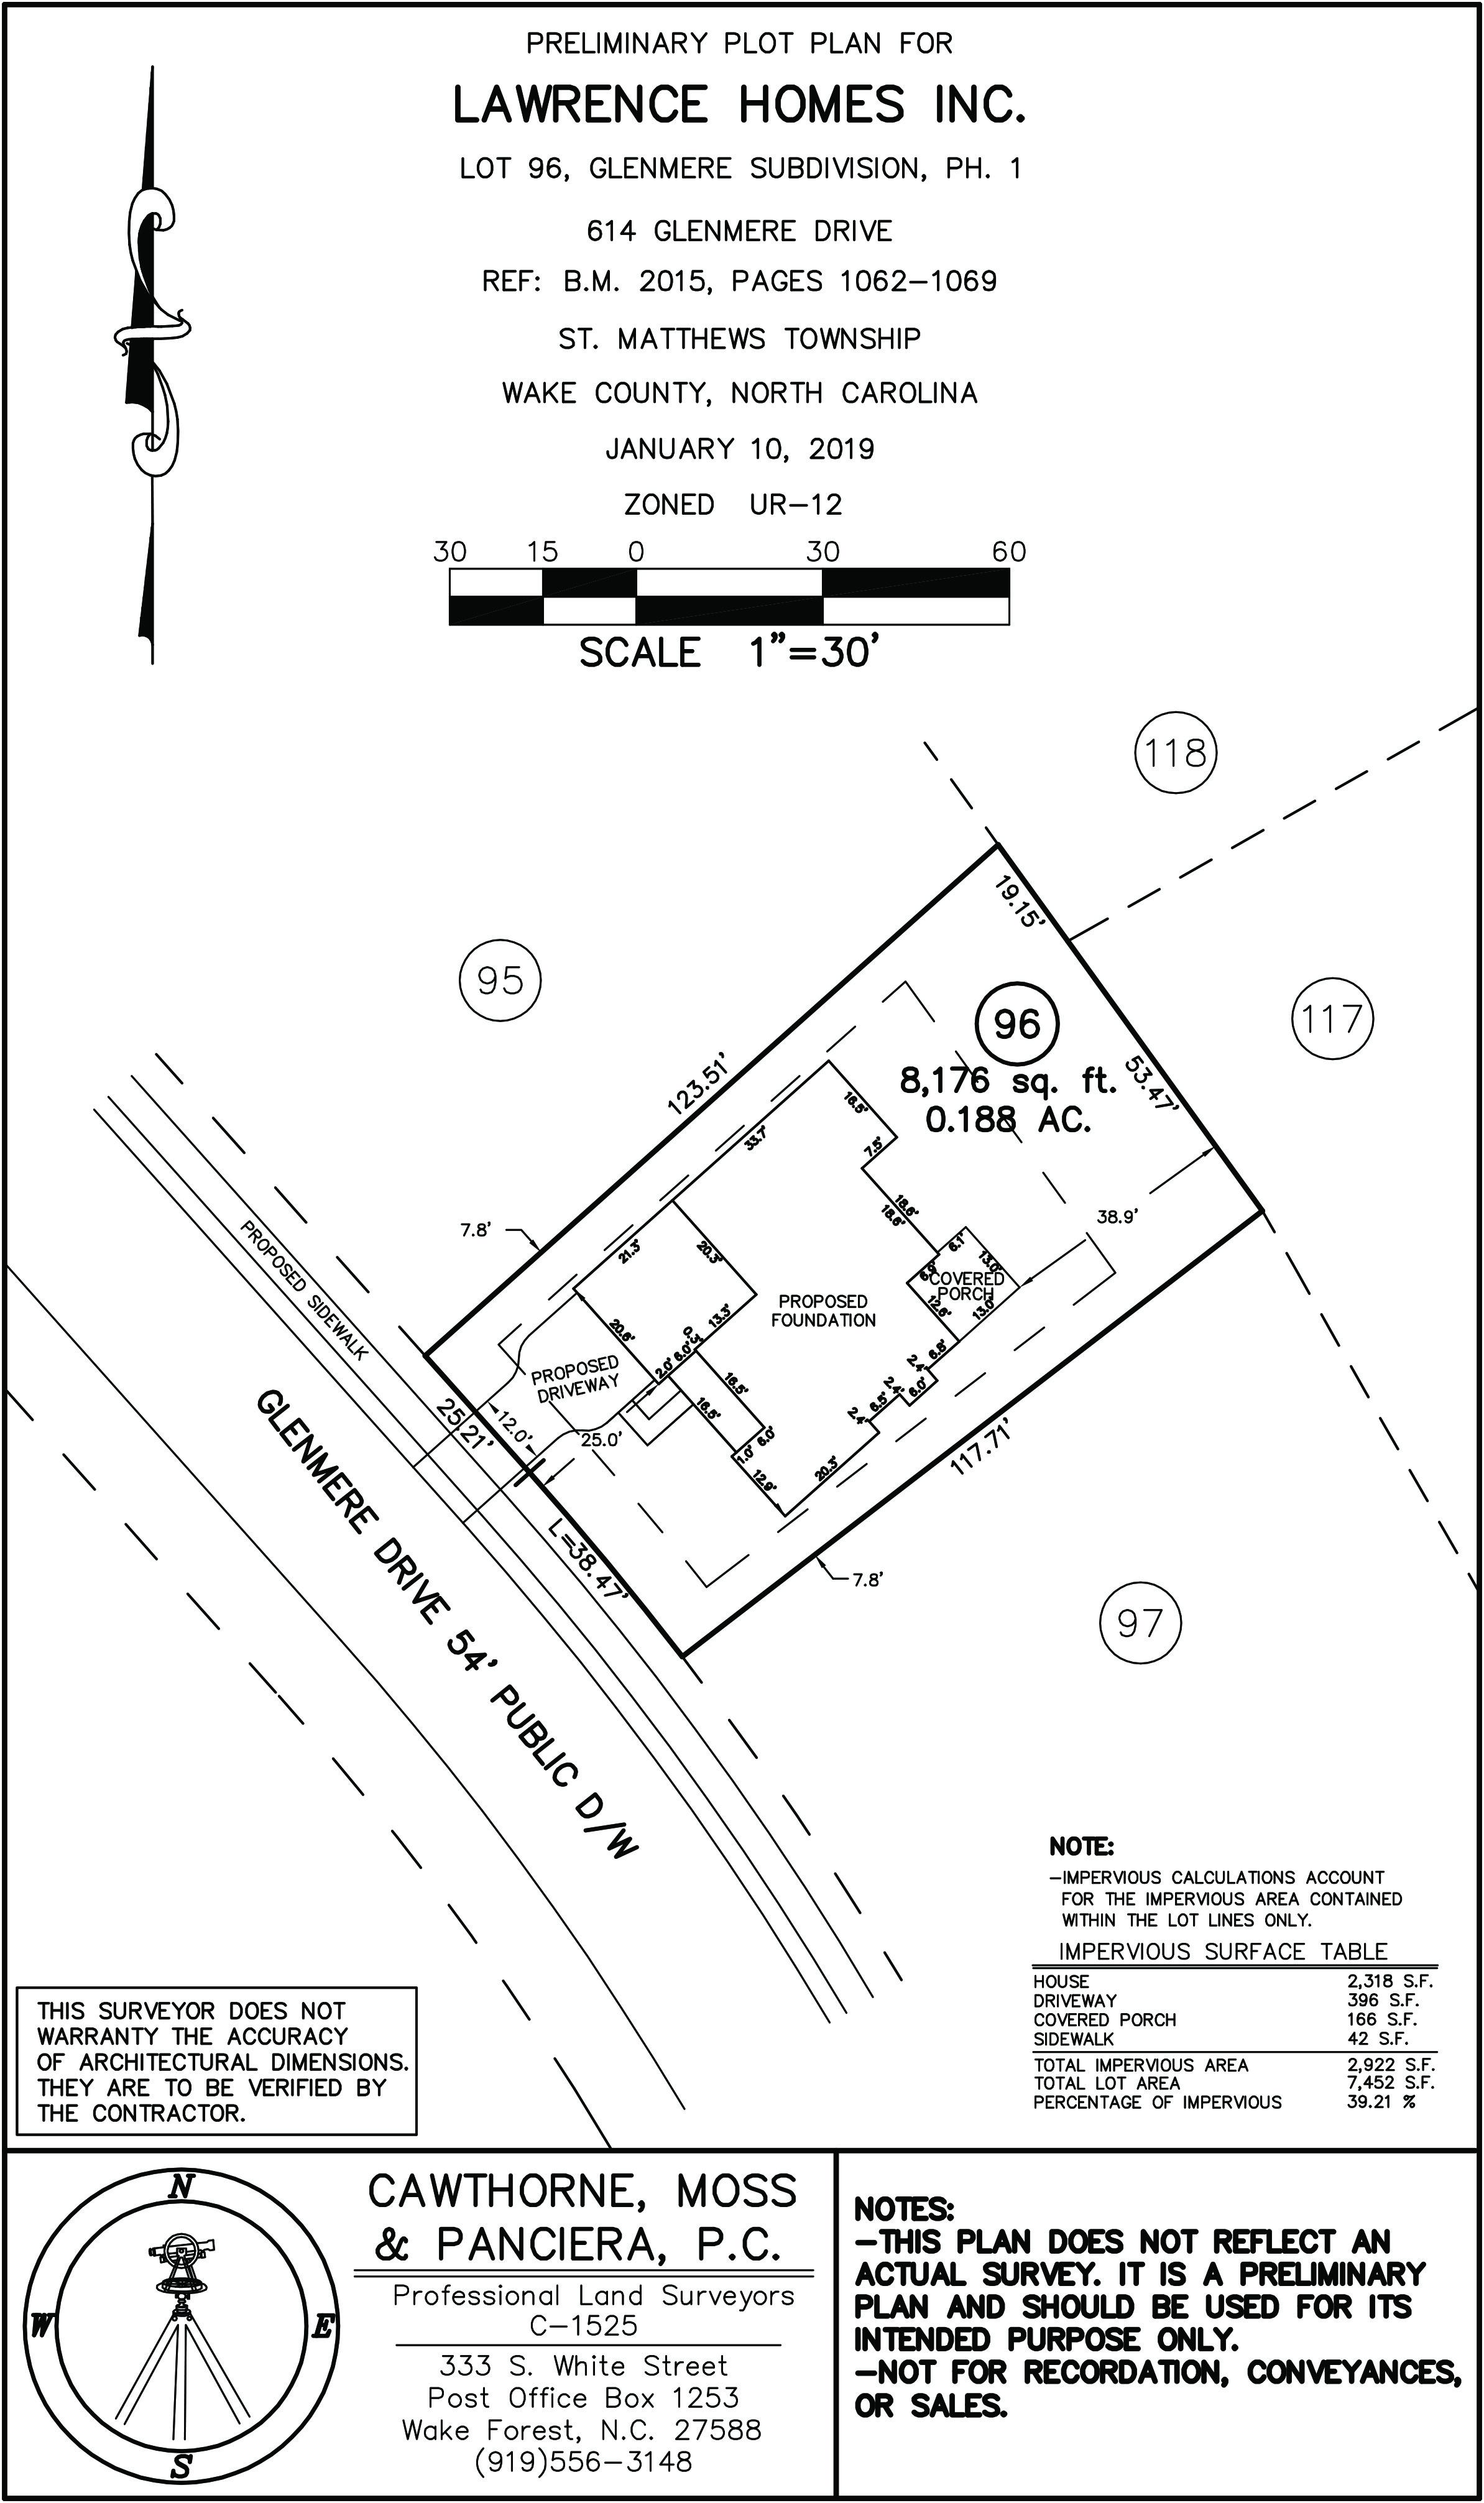 Lot 96 Plot Plan.jpg